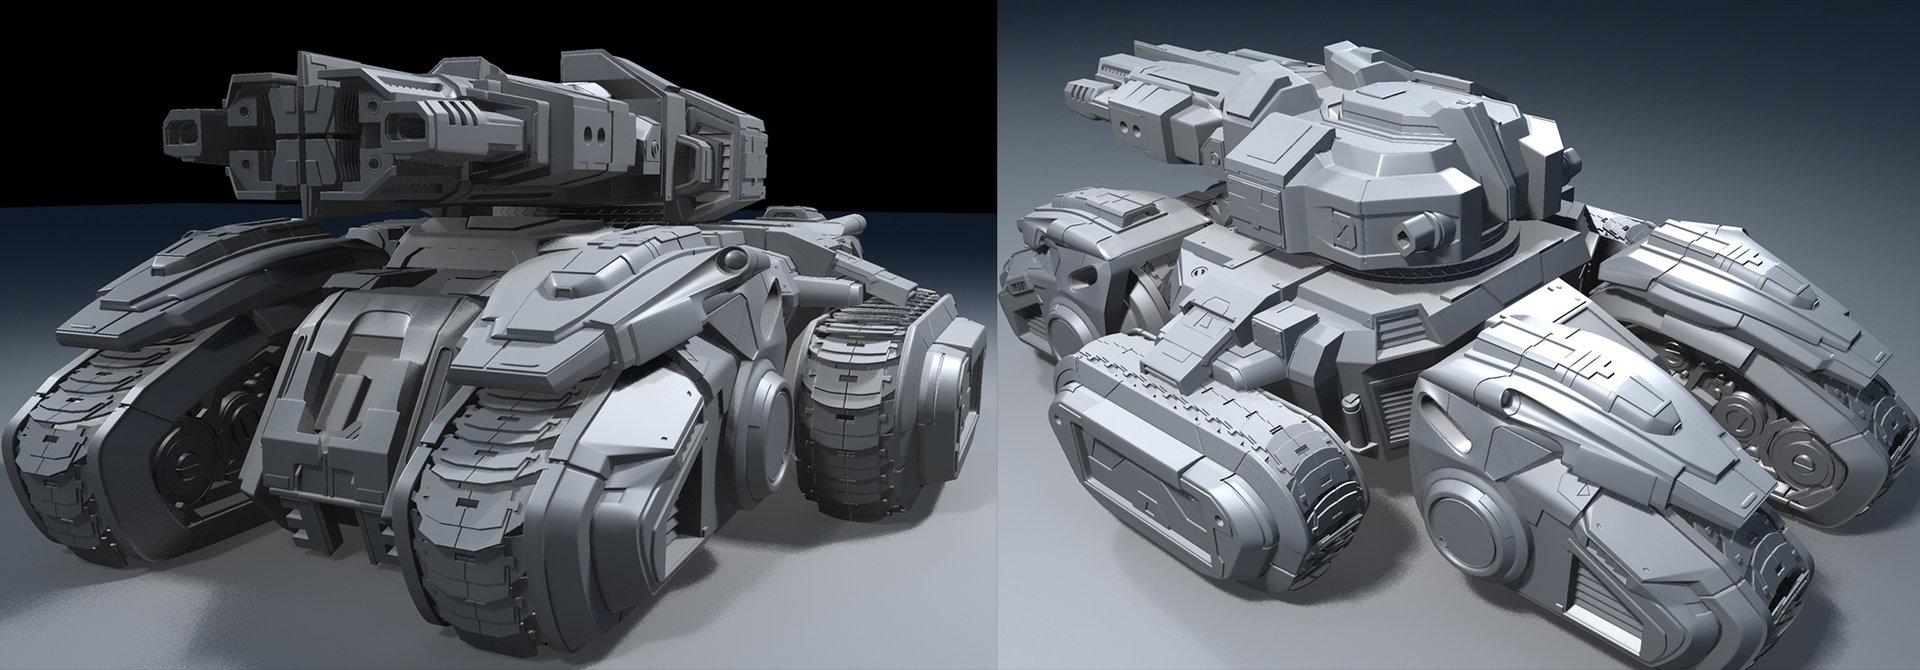 Tanks3a